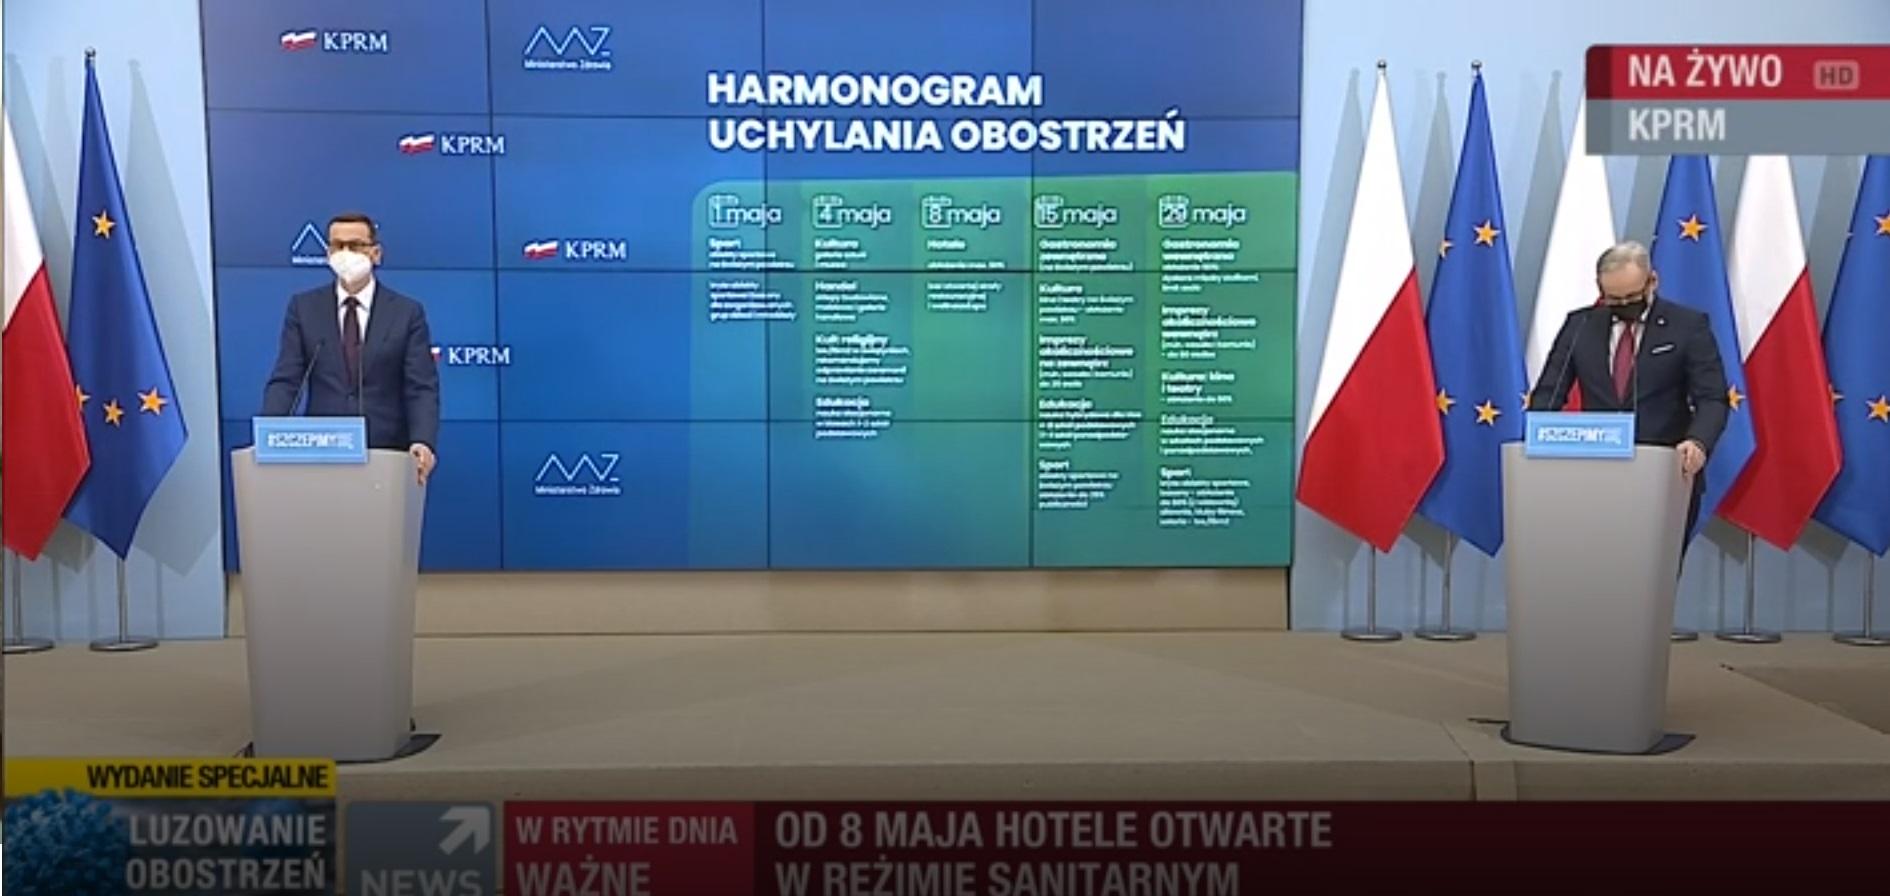 Podczas konferencji transmitowanej na żywo zaprezentowano kolejne etapy i wielkie luzowanie obostrzeń w Polsce.